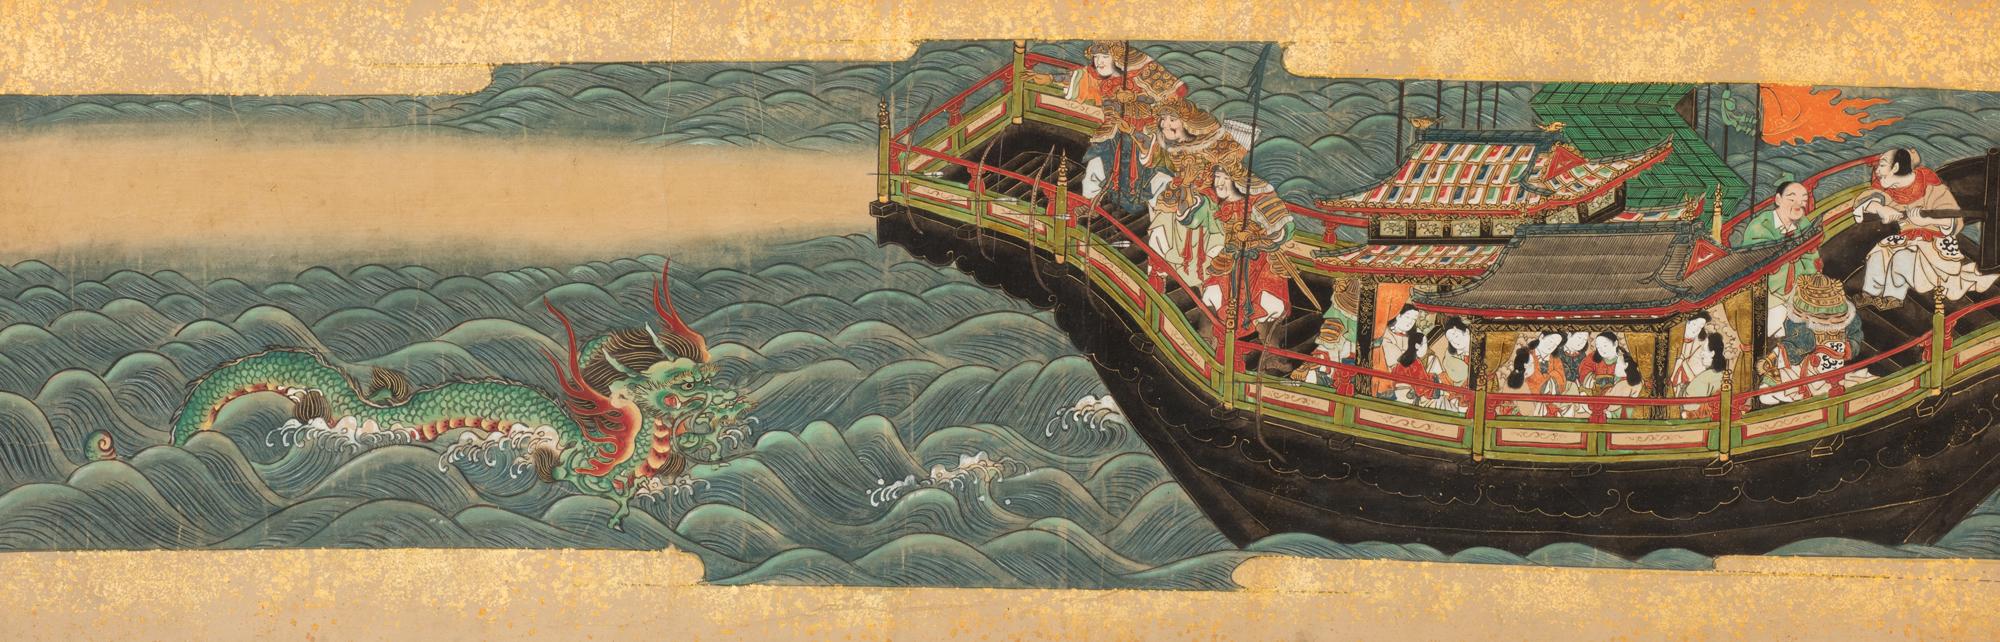 Nave con Samurai, nobili donne e drago